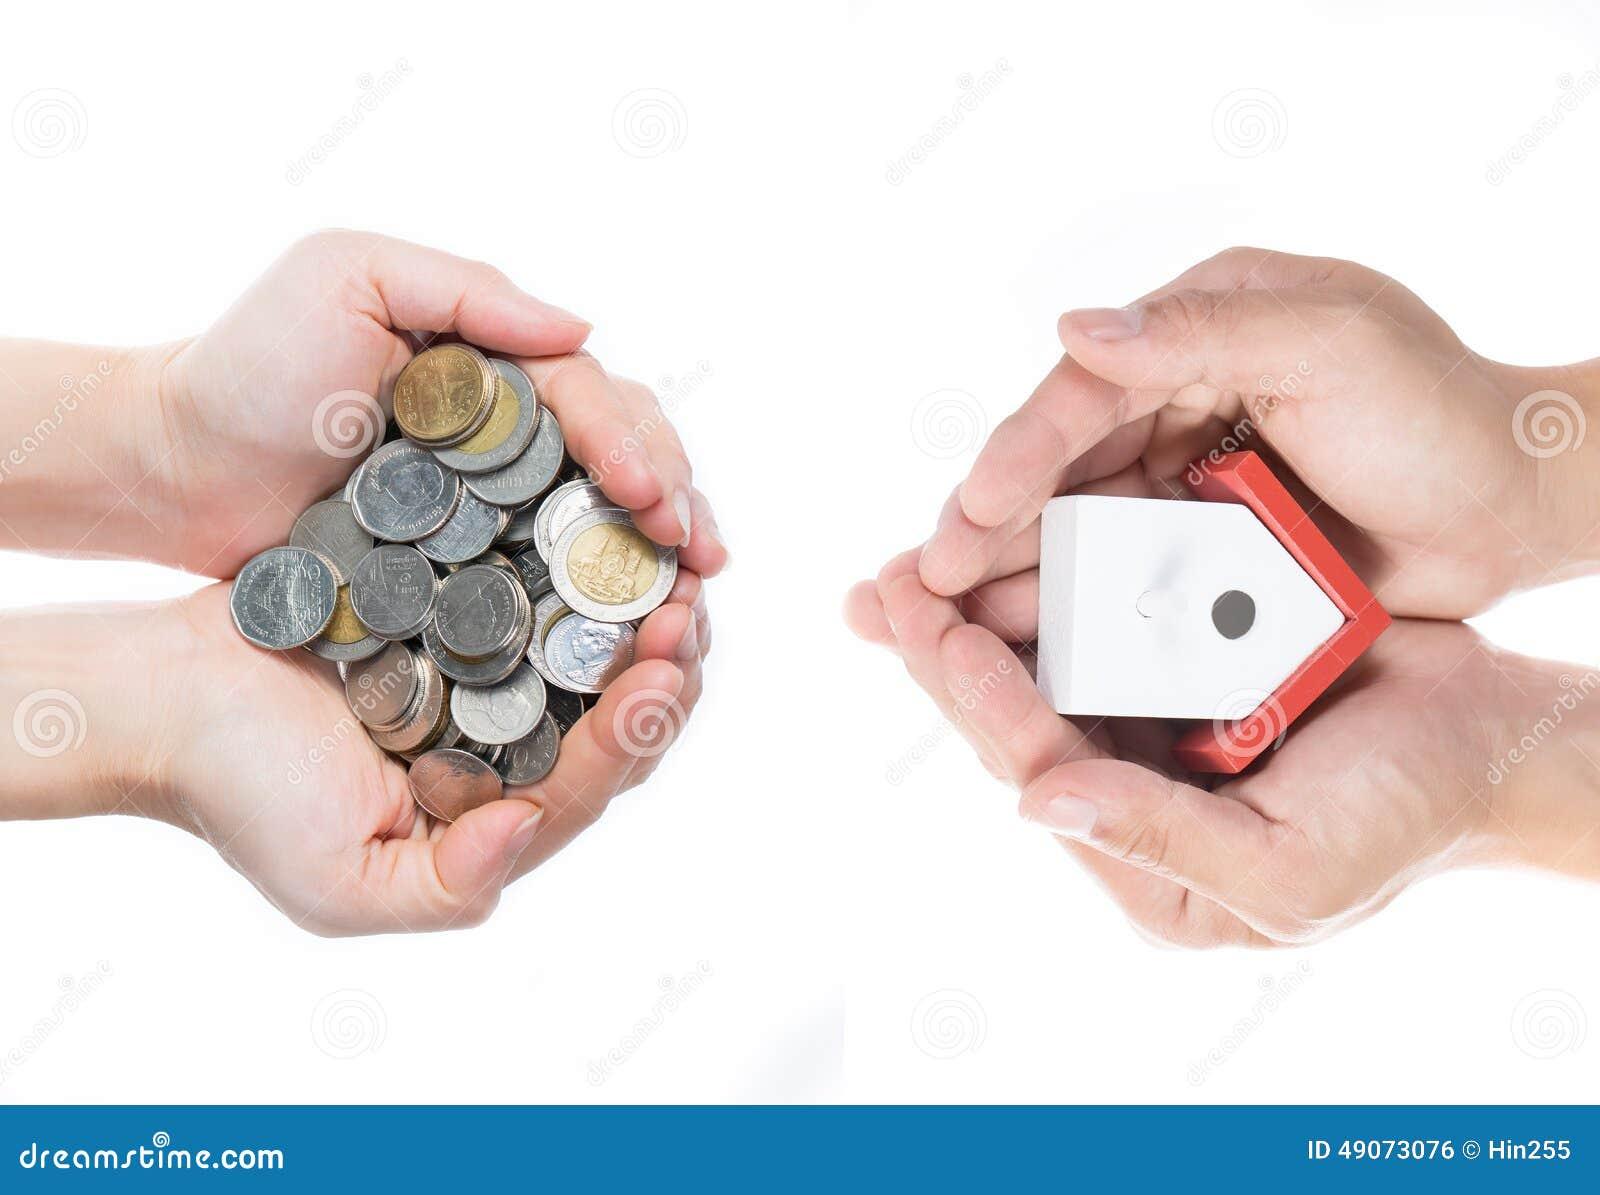 Buy currencies